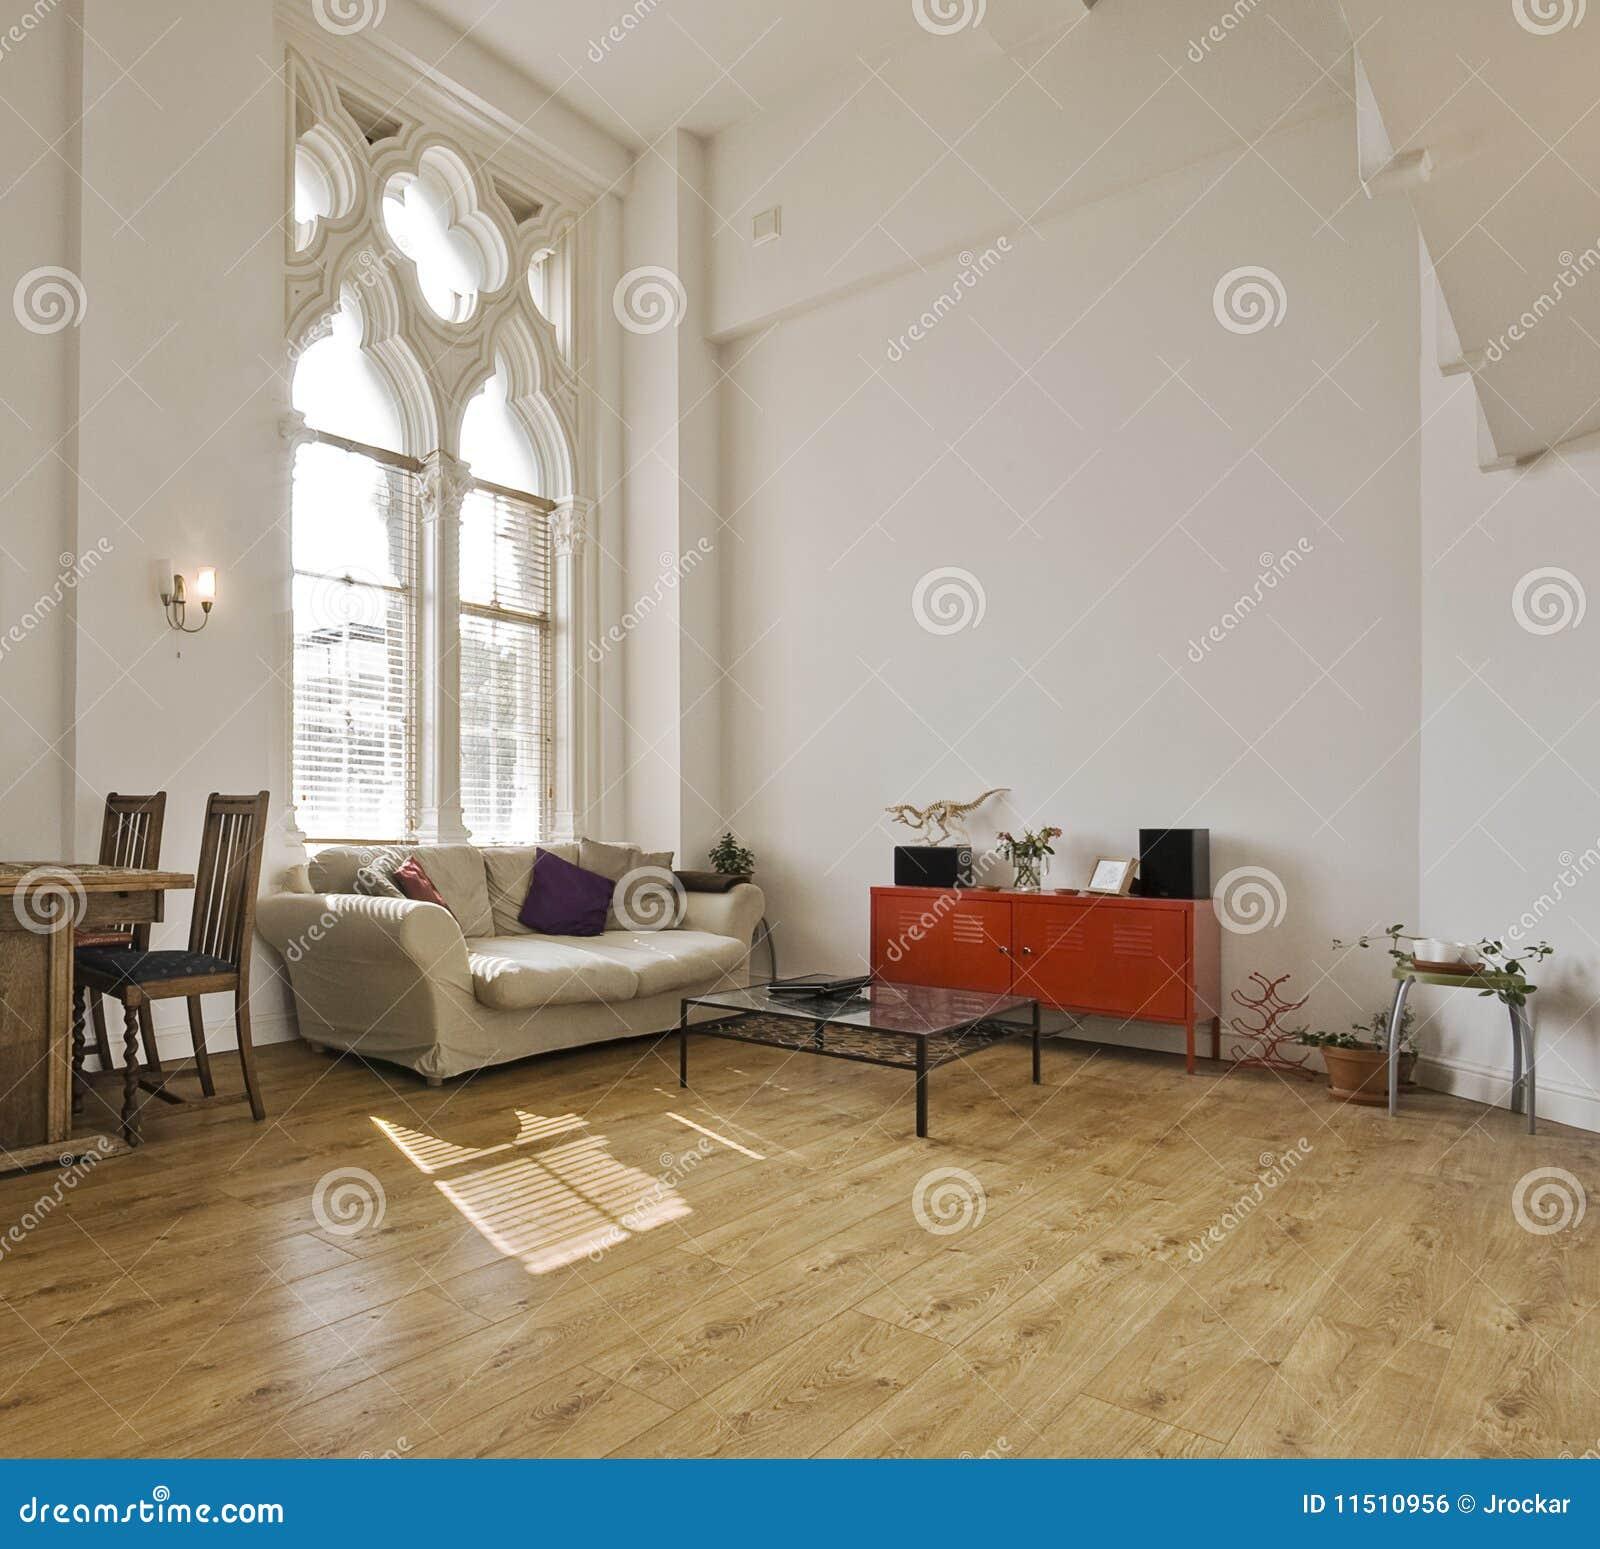 wohnung der hohen decke stockfoto bild von geschnitzt 11510956. Black Bedroom Furniture Sets. Home Design Ideas